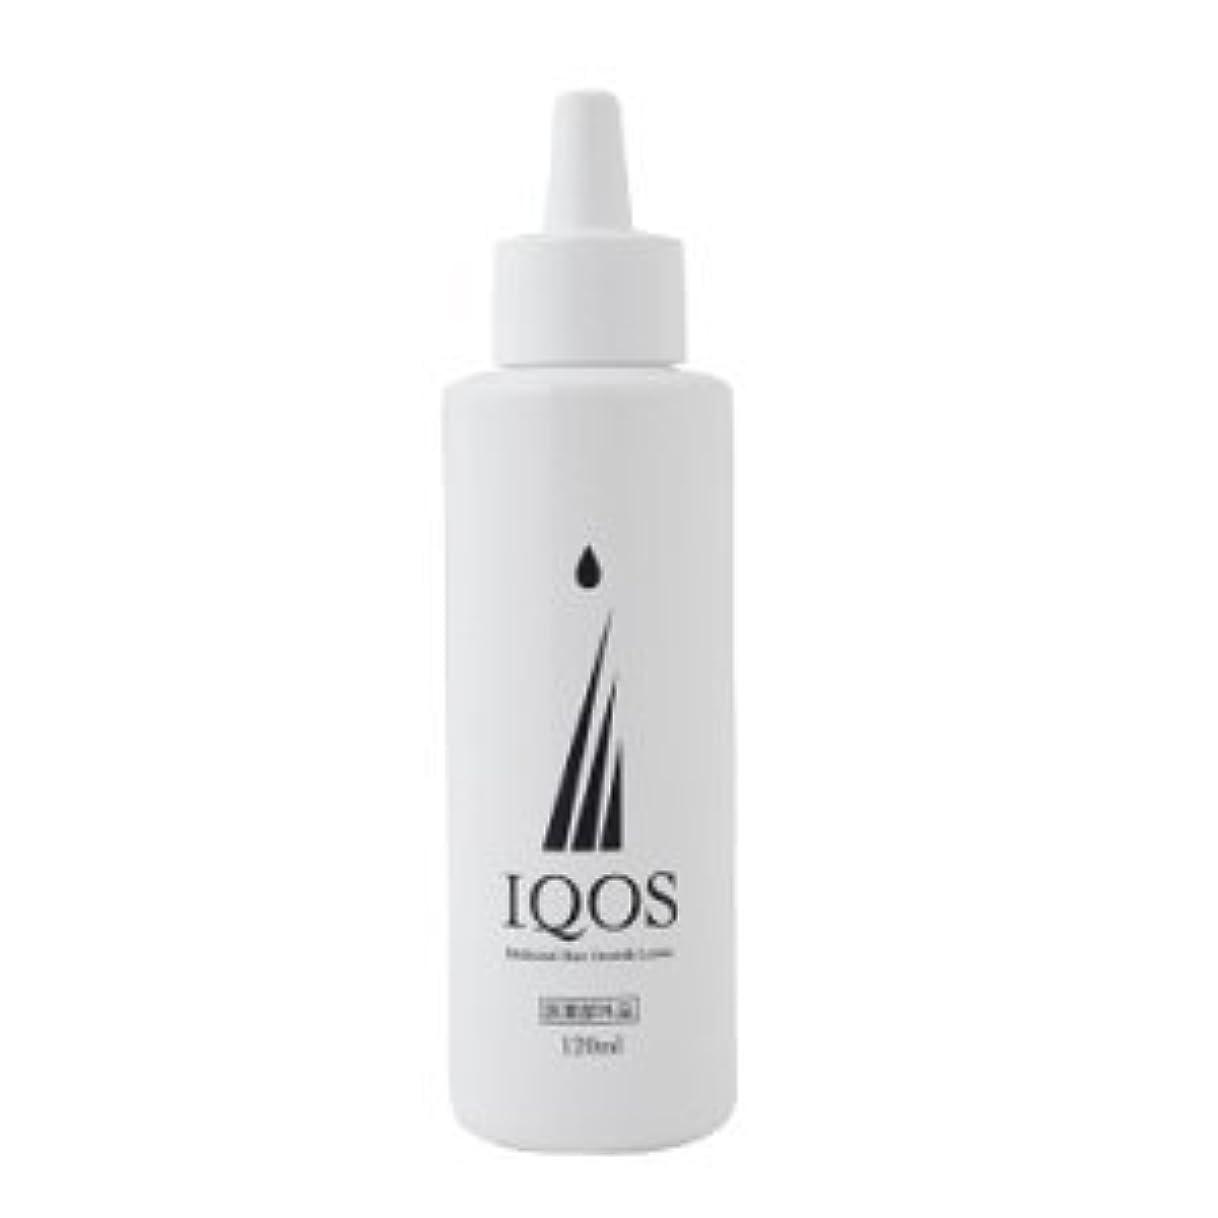 領域土砂降り憧れM-034を最大級配合 薬用育毛剤 IQOS イクオス 120ml